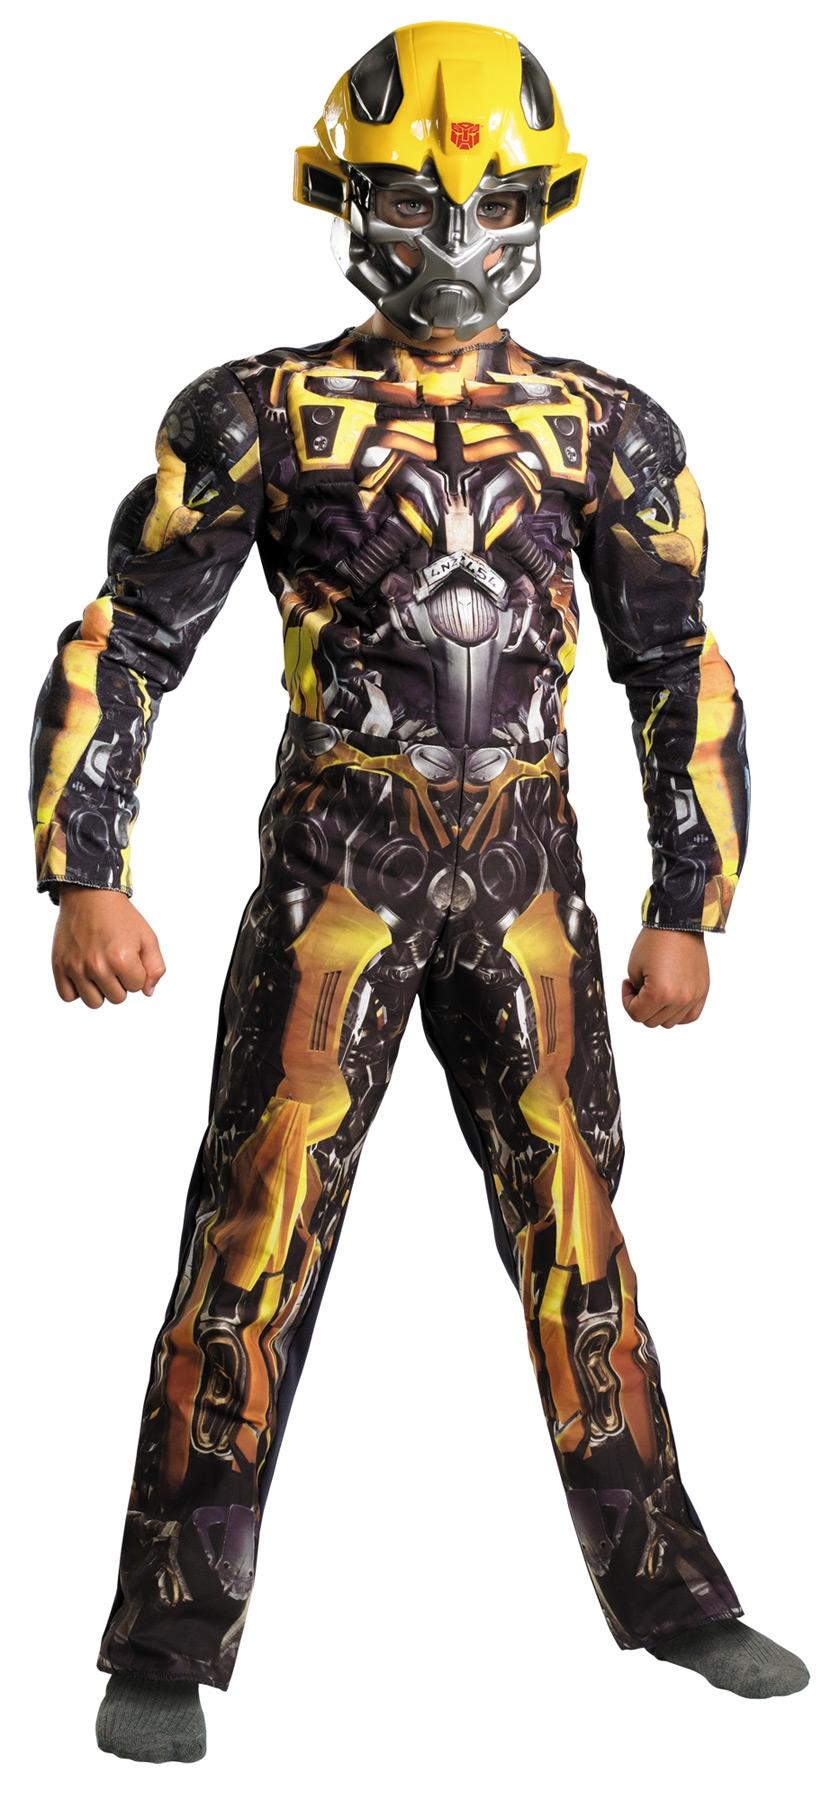 Детский костюм Желтого Трансформера Бамблби (38) детский костюм гонщицы даники патрик 38